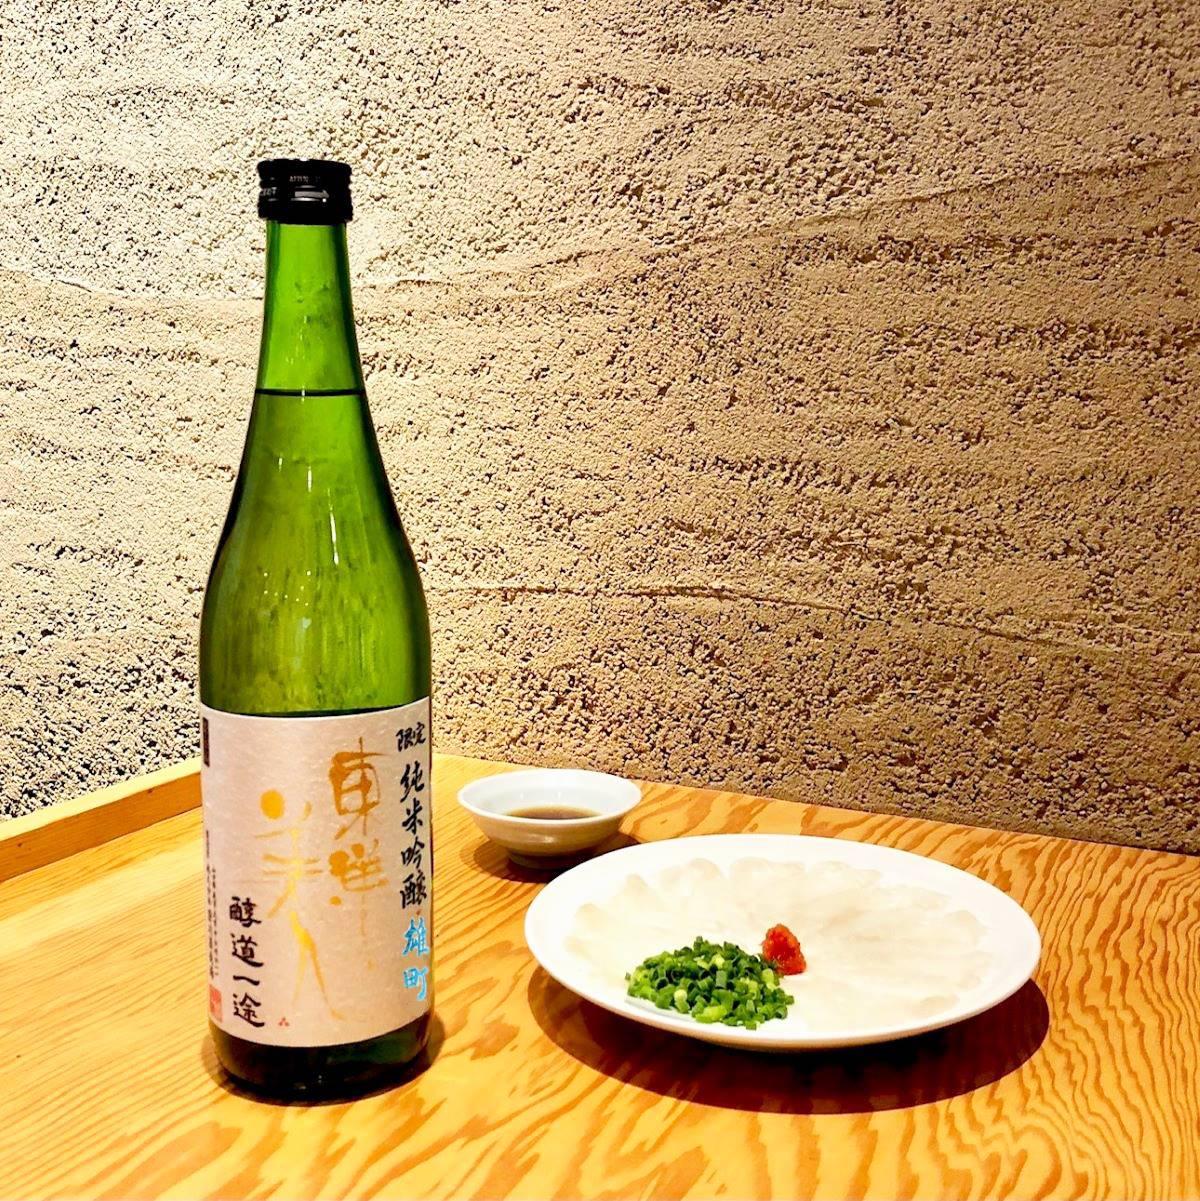 東洋美人 醇道一途 限定純米吟醸「雄町」 720ml